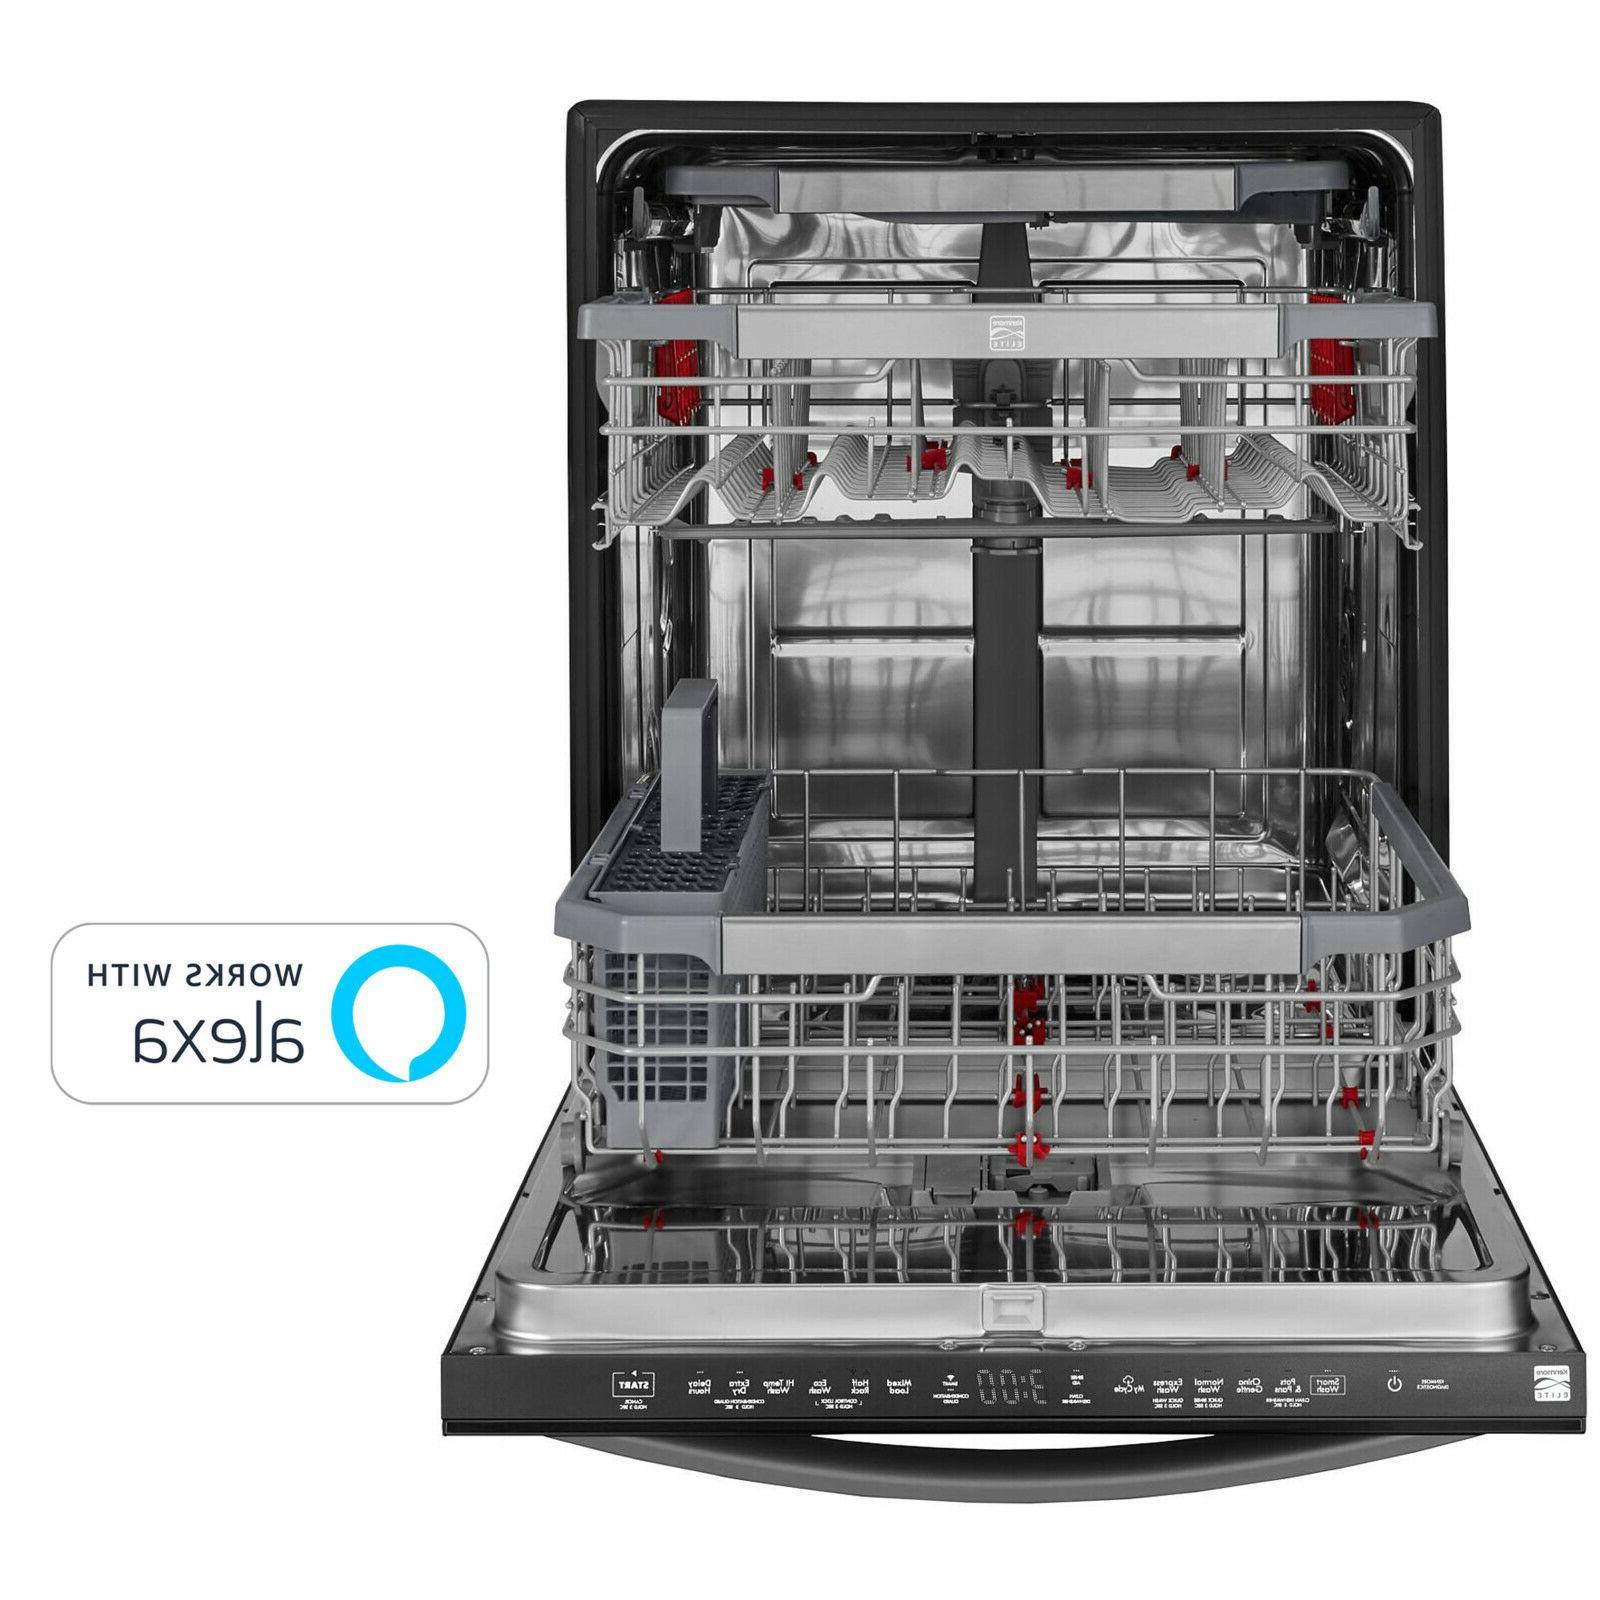 Kenmore Elite 14677 Dishwasher